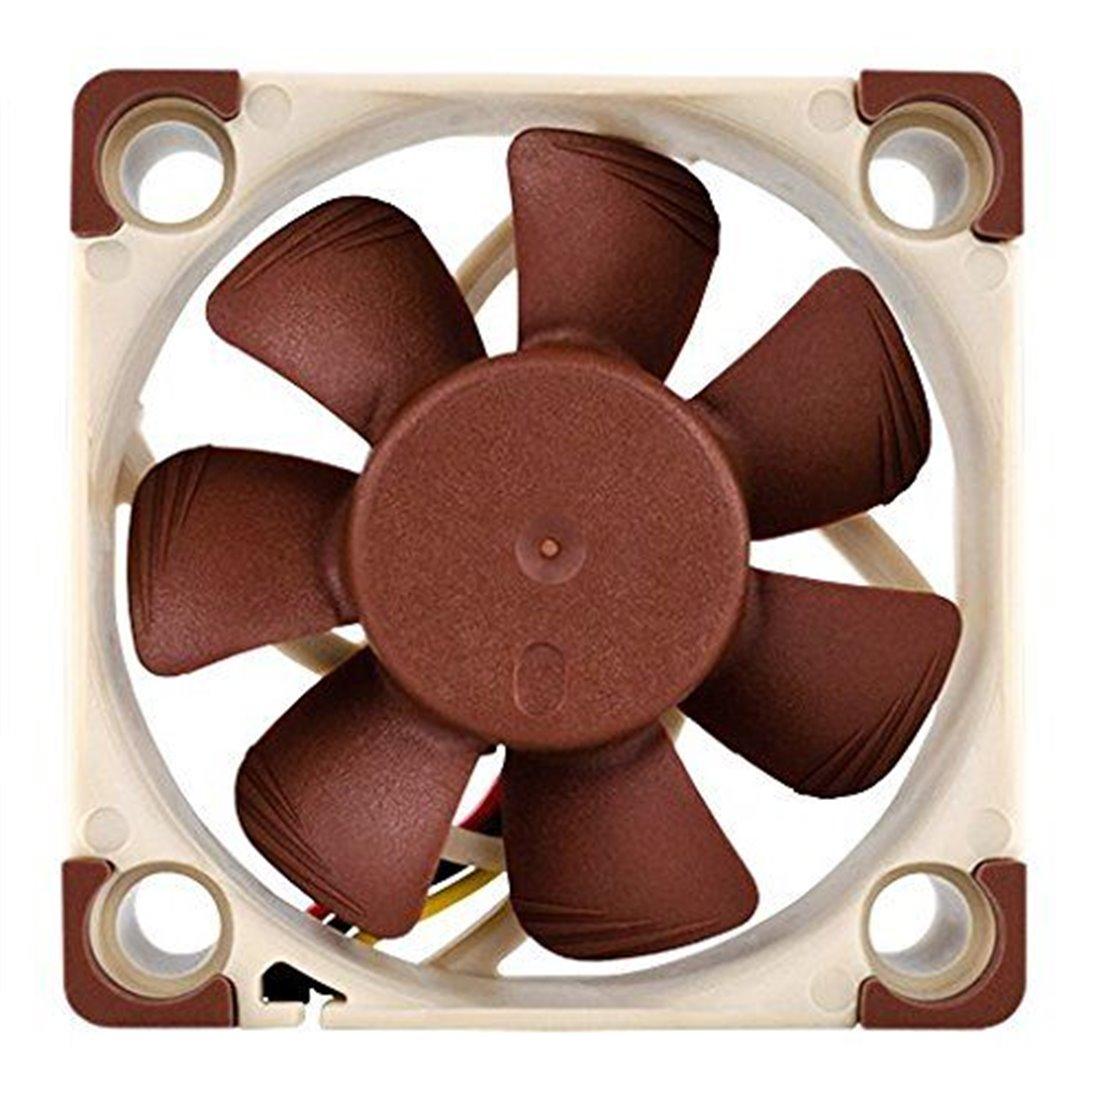 Noctua NF-A4X10-FLX 5V Boitier PC Ventilateur ventilateur, refroidisseur et radiateur - ventilateurs, refoidisseurs et radiat